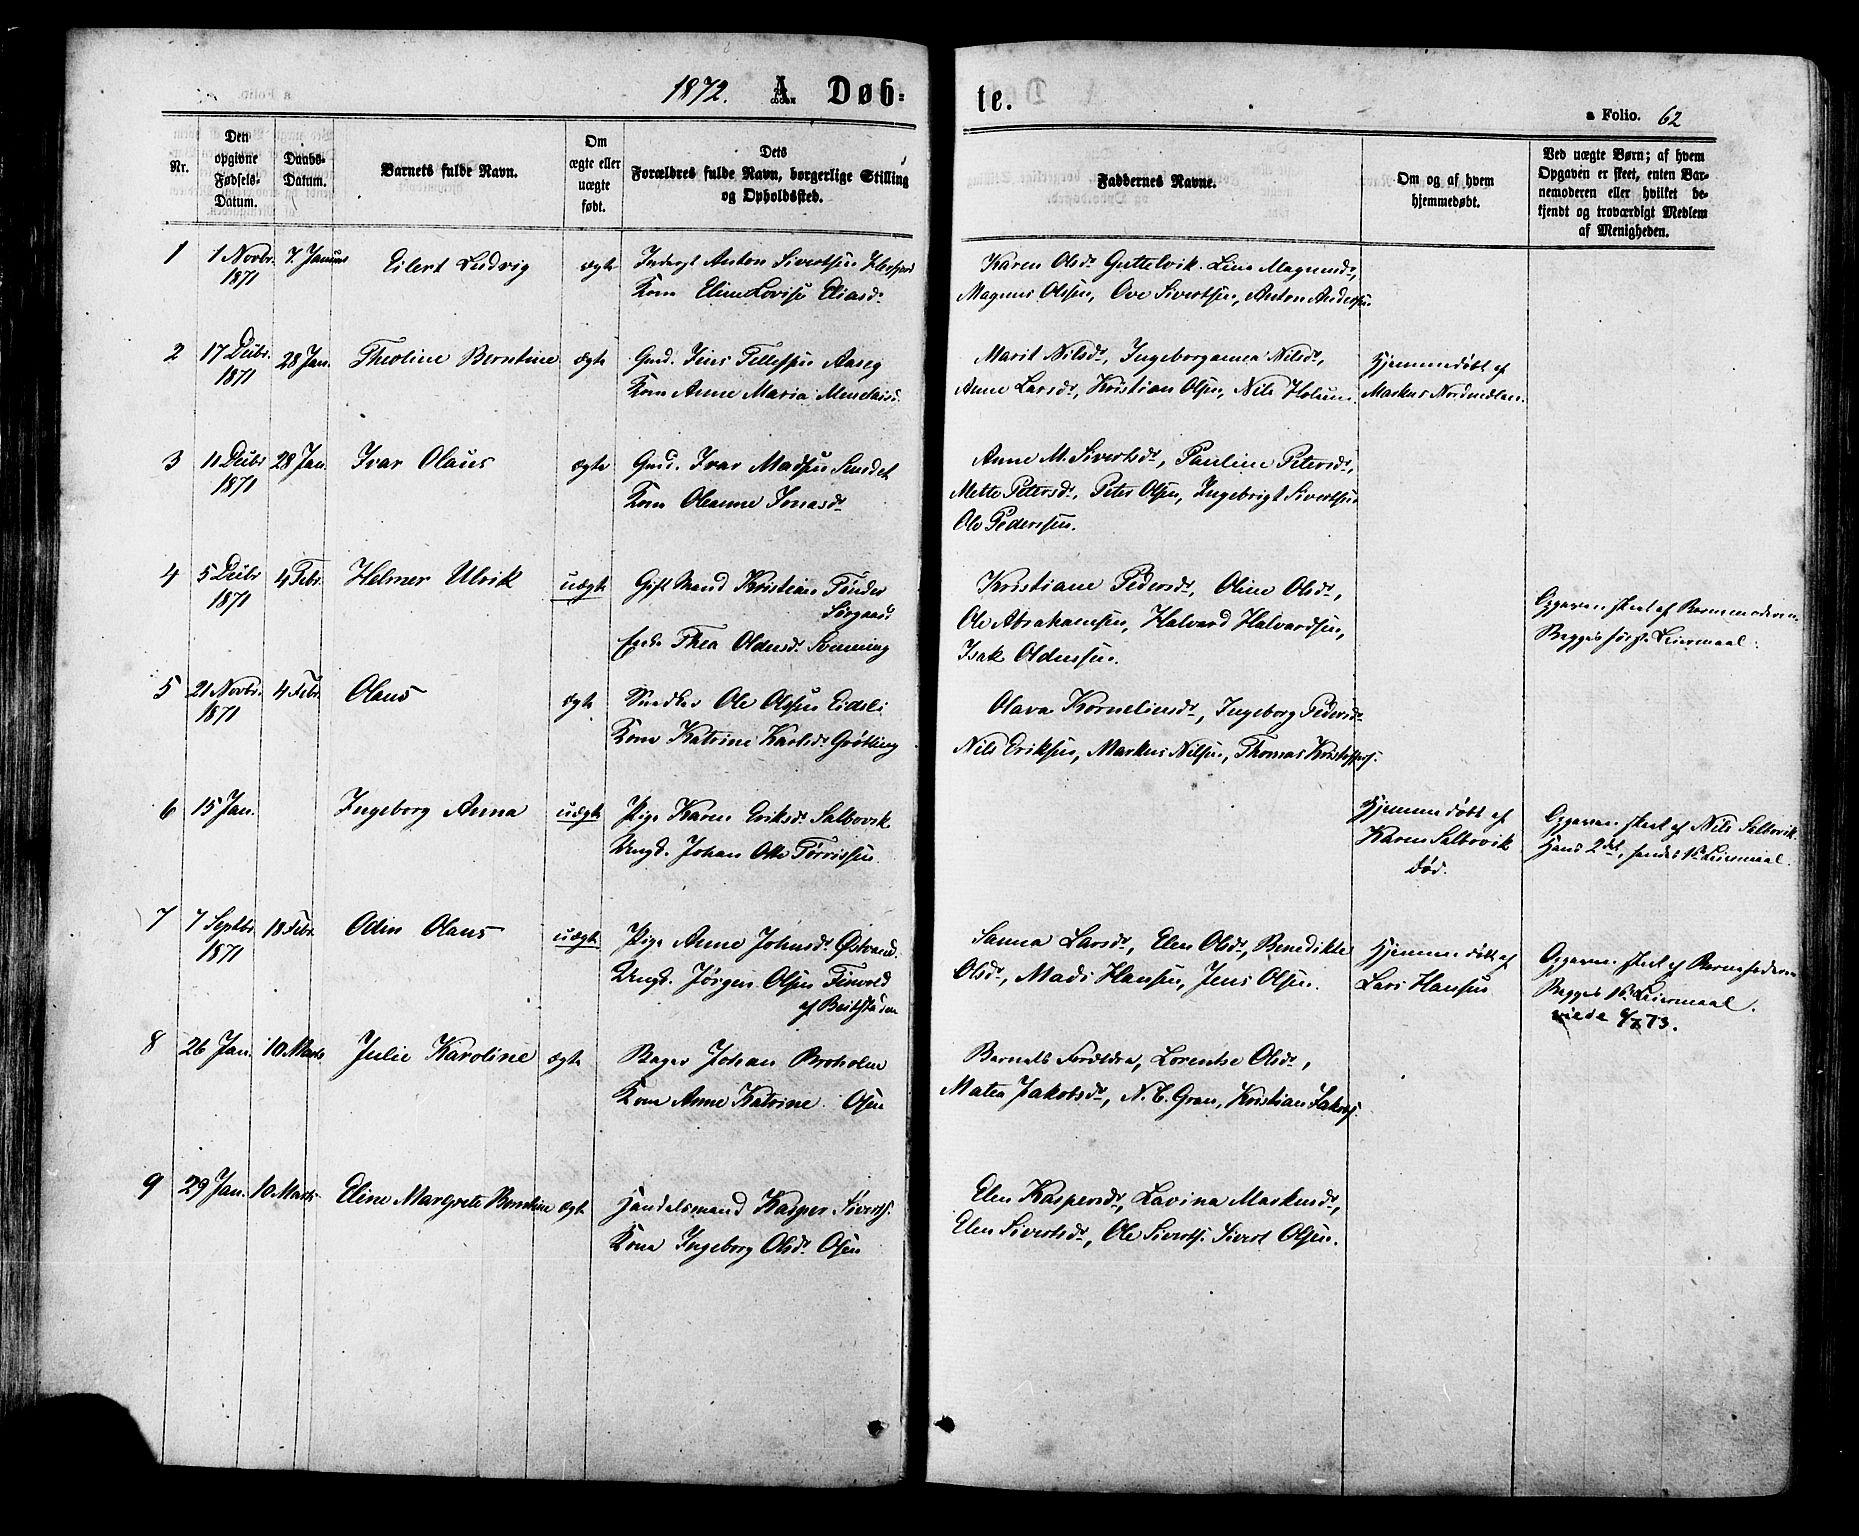 SAT, Ministerialprotokoller, klokkerbøker og fødselsregistre - Sør-Trøndelag, 657/L0706: Ministerialbok nr. 657A07, 1867-1878, s. 62